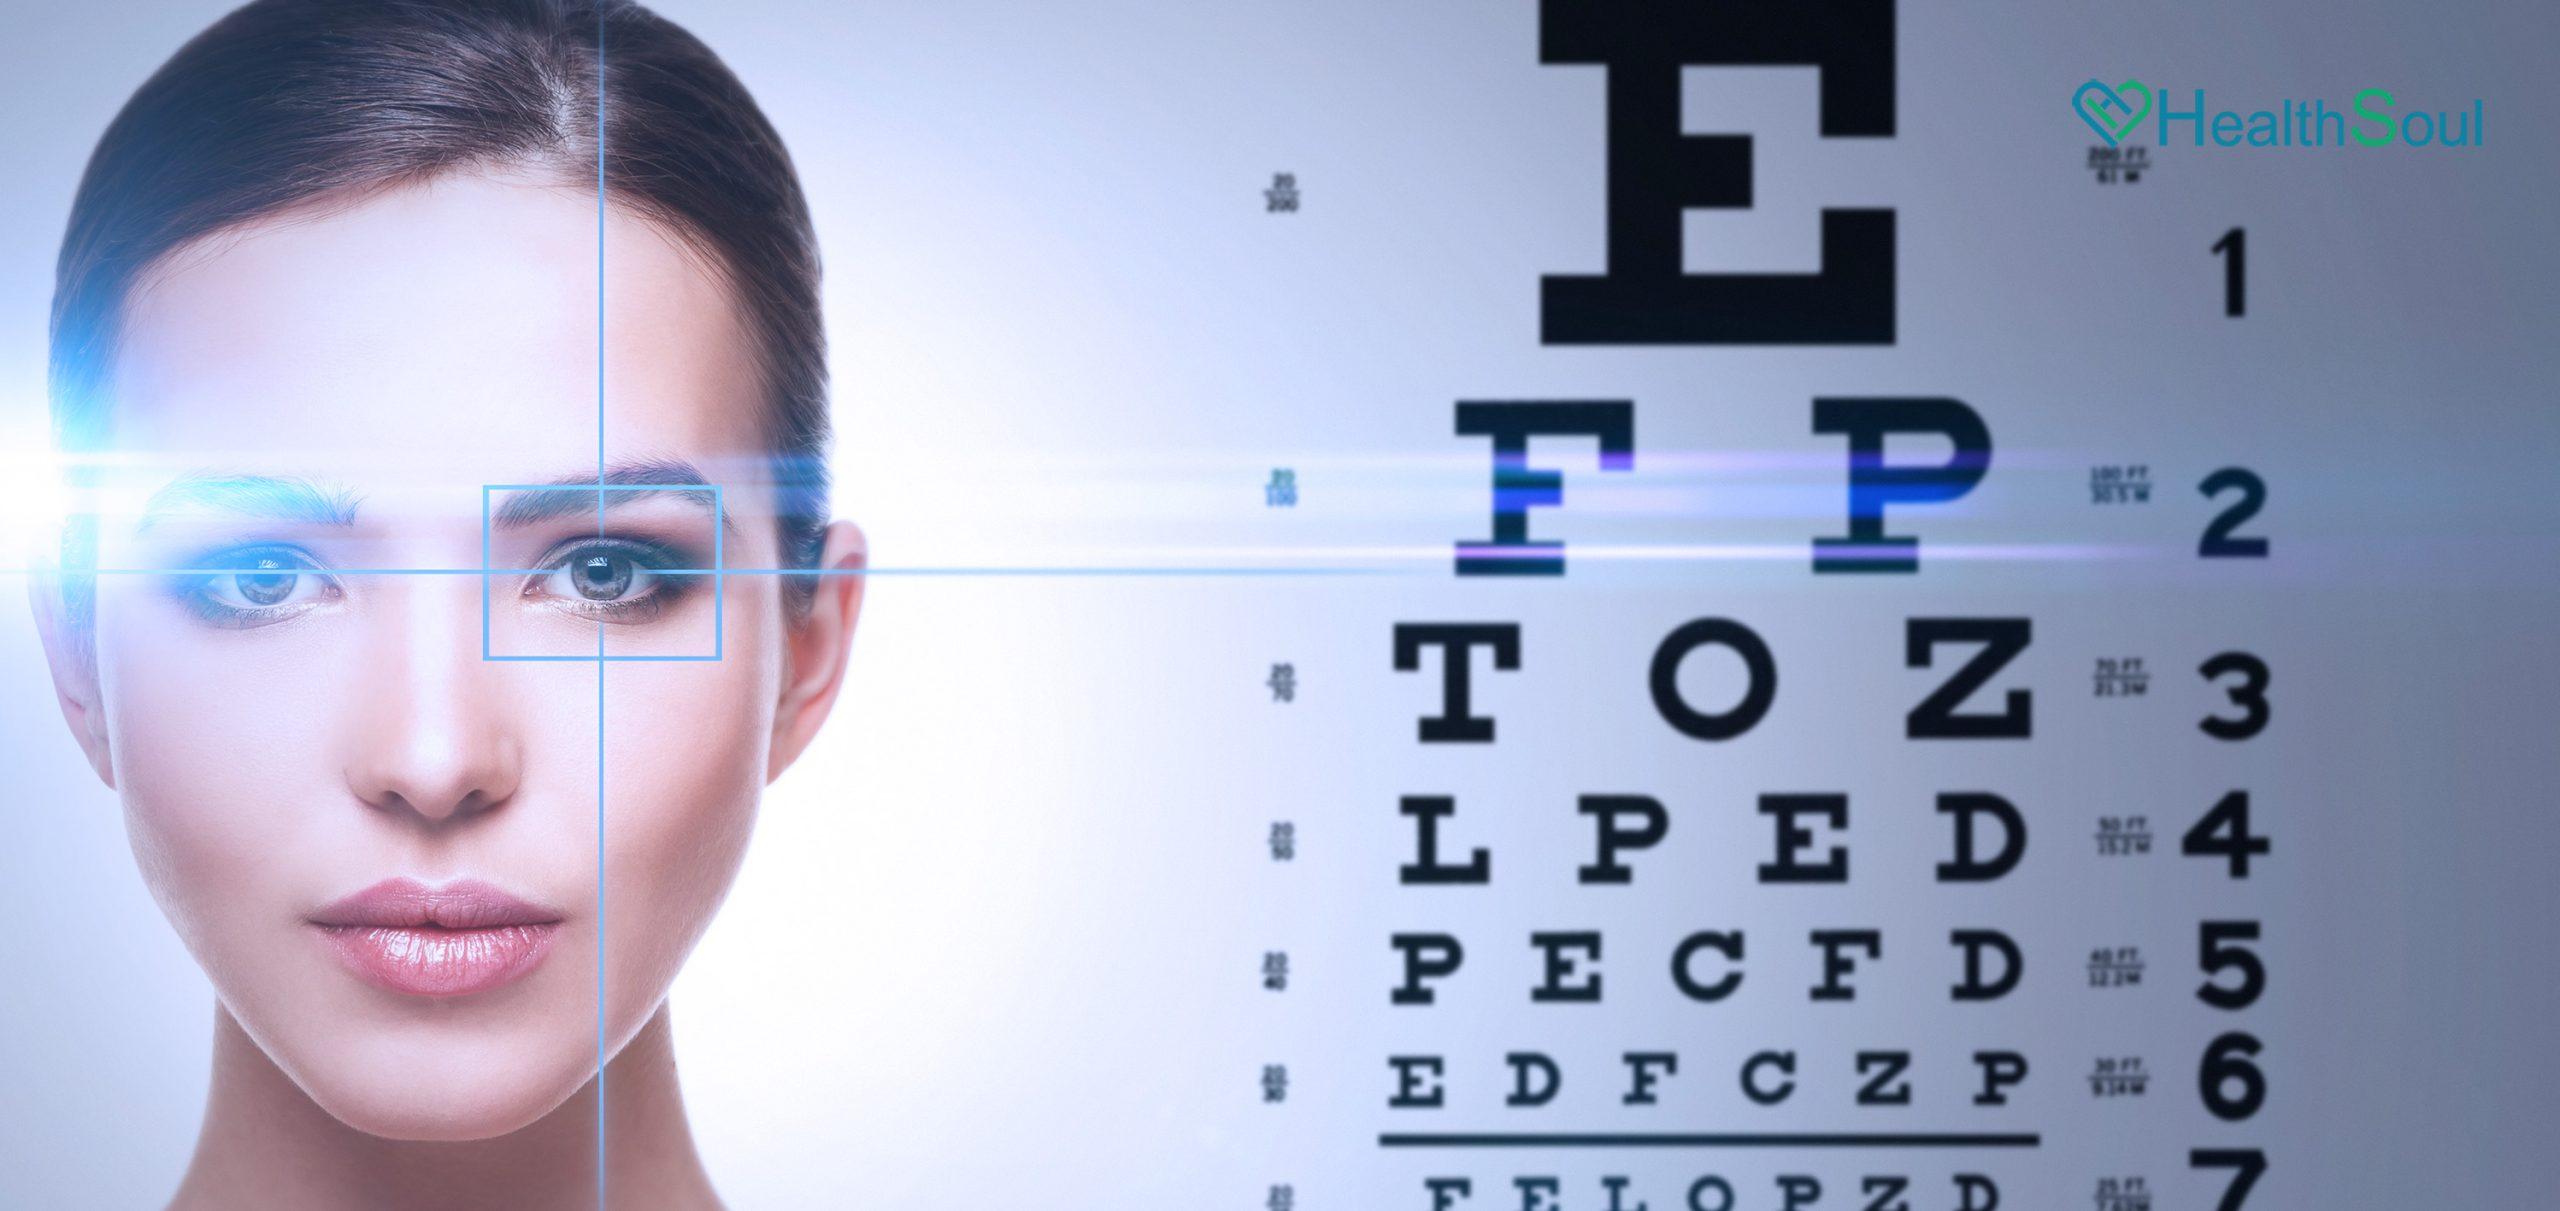 LASIK Eye Surgery Cost in 2021 | HealthSoul